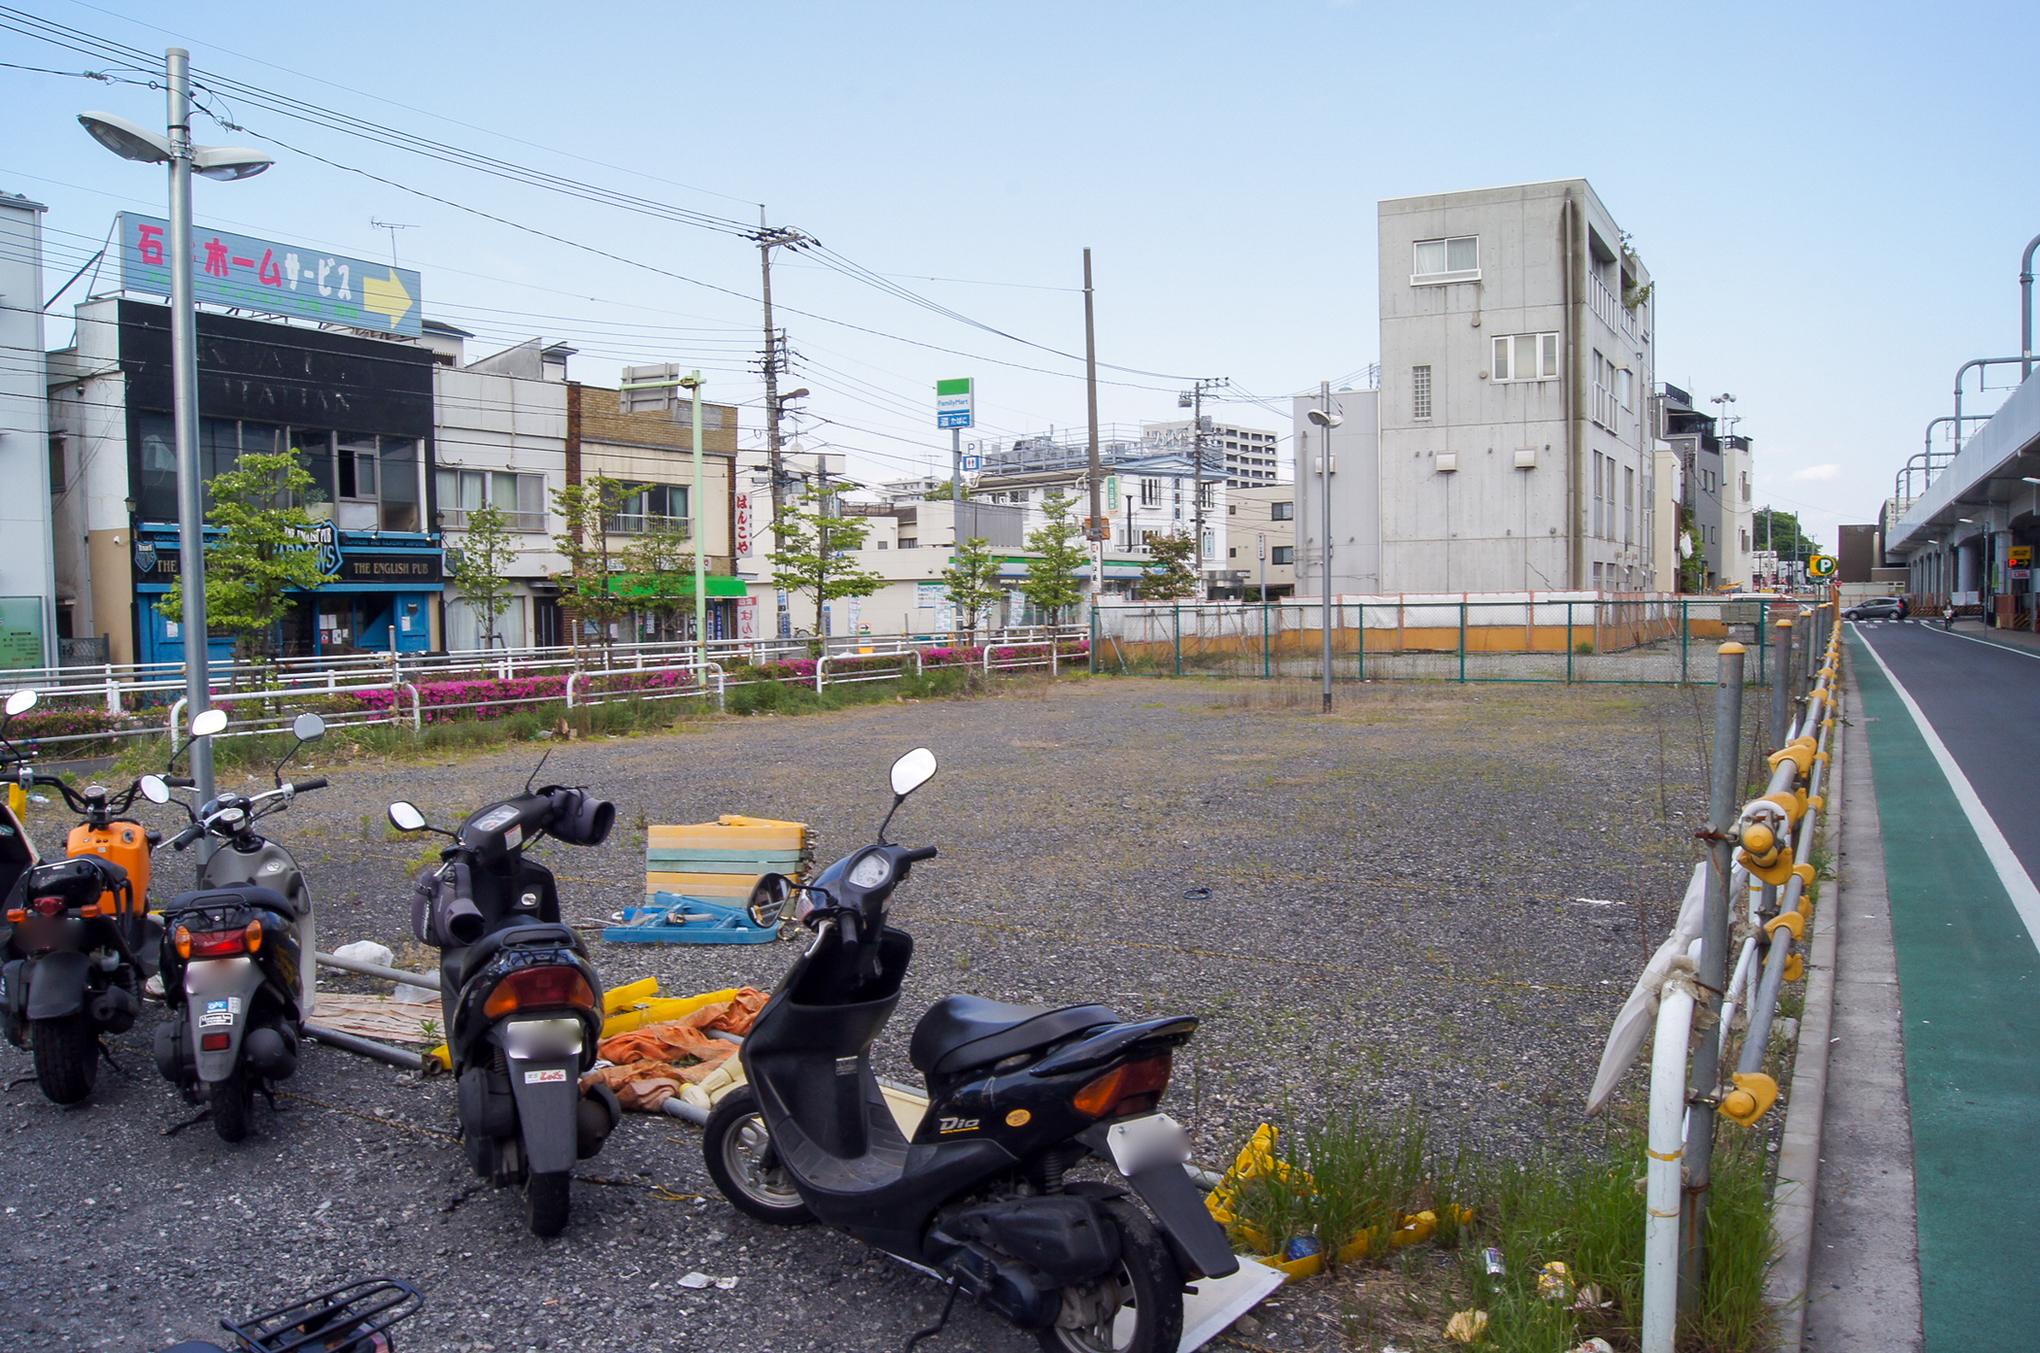 f:id:akichiniiko:20200720183617j:plain